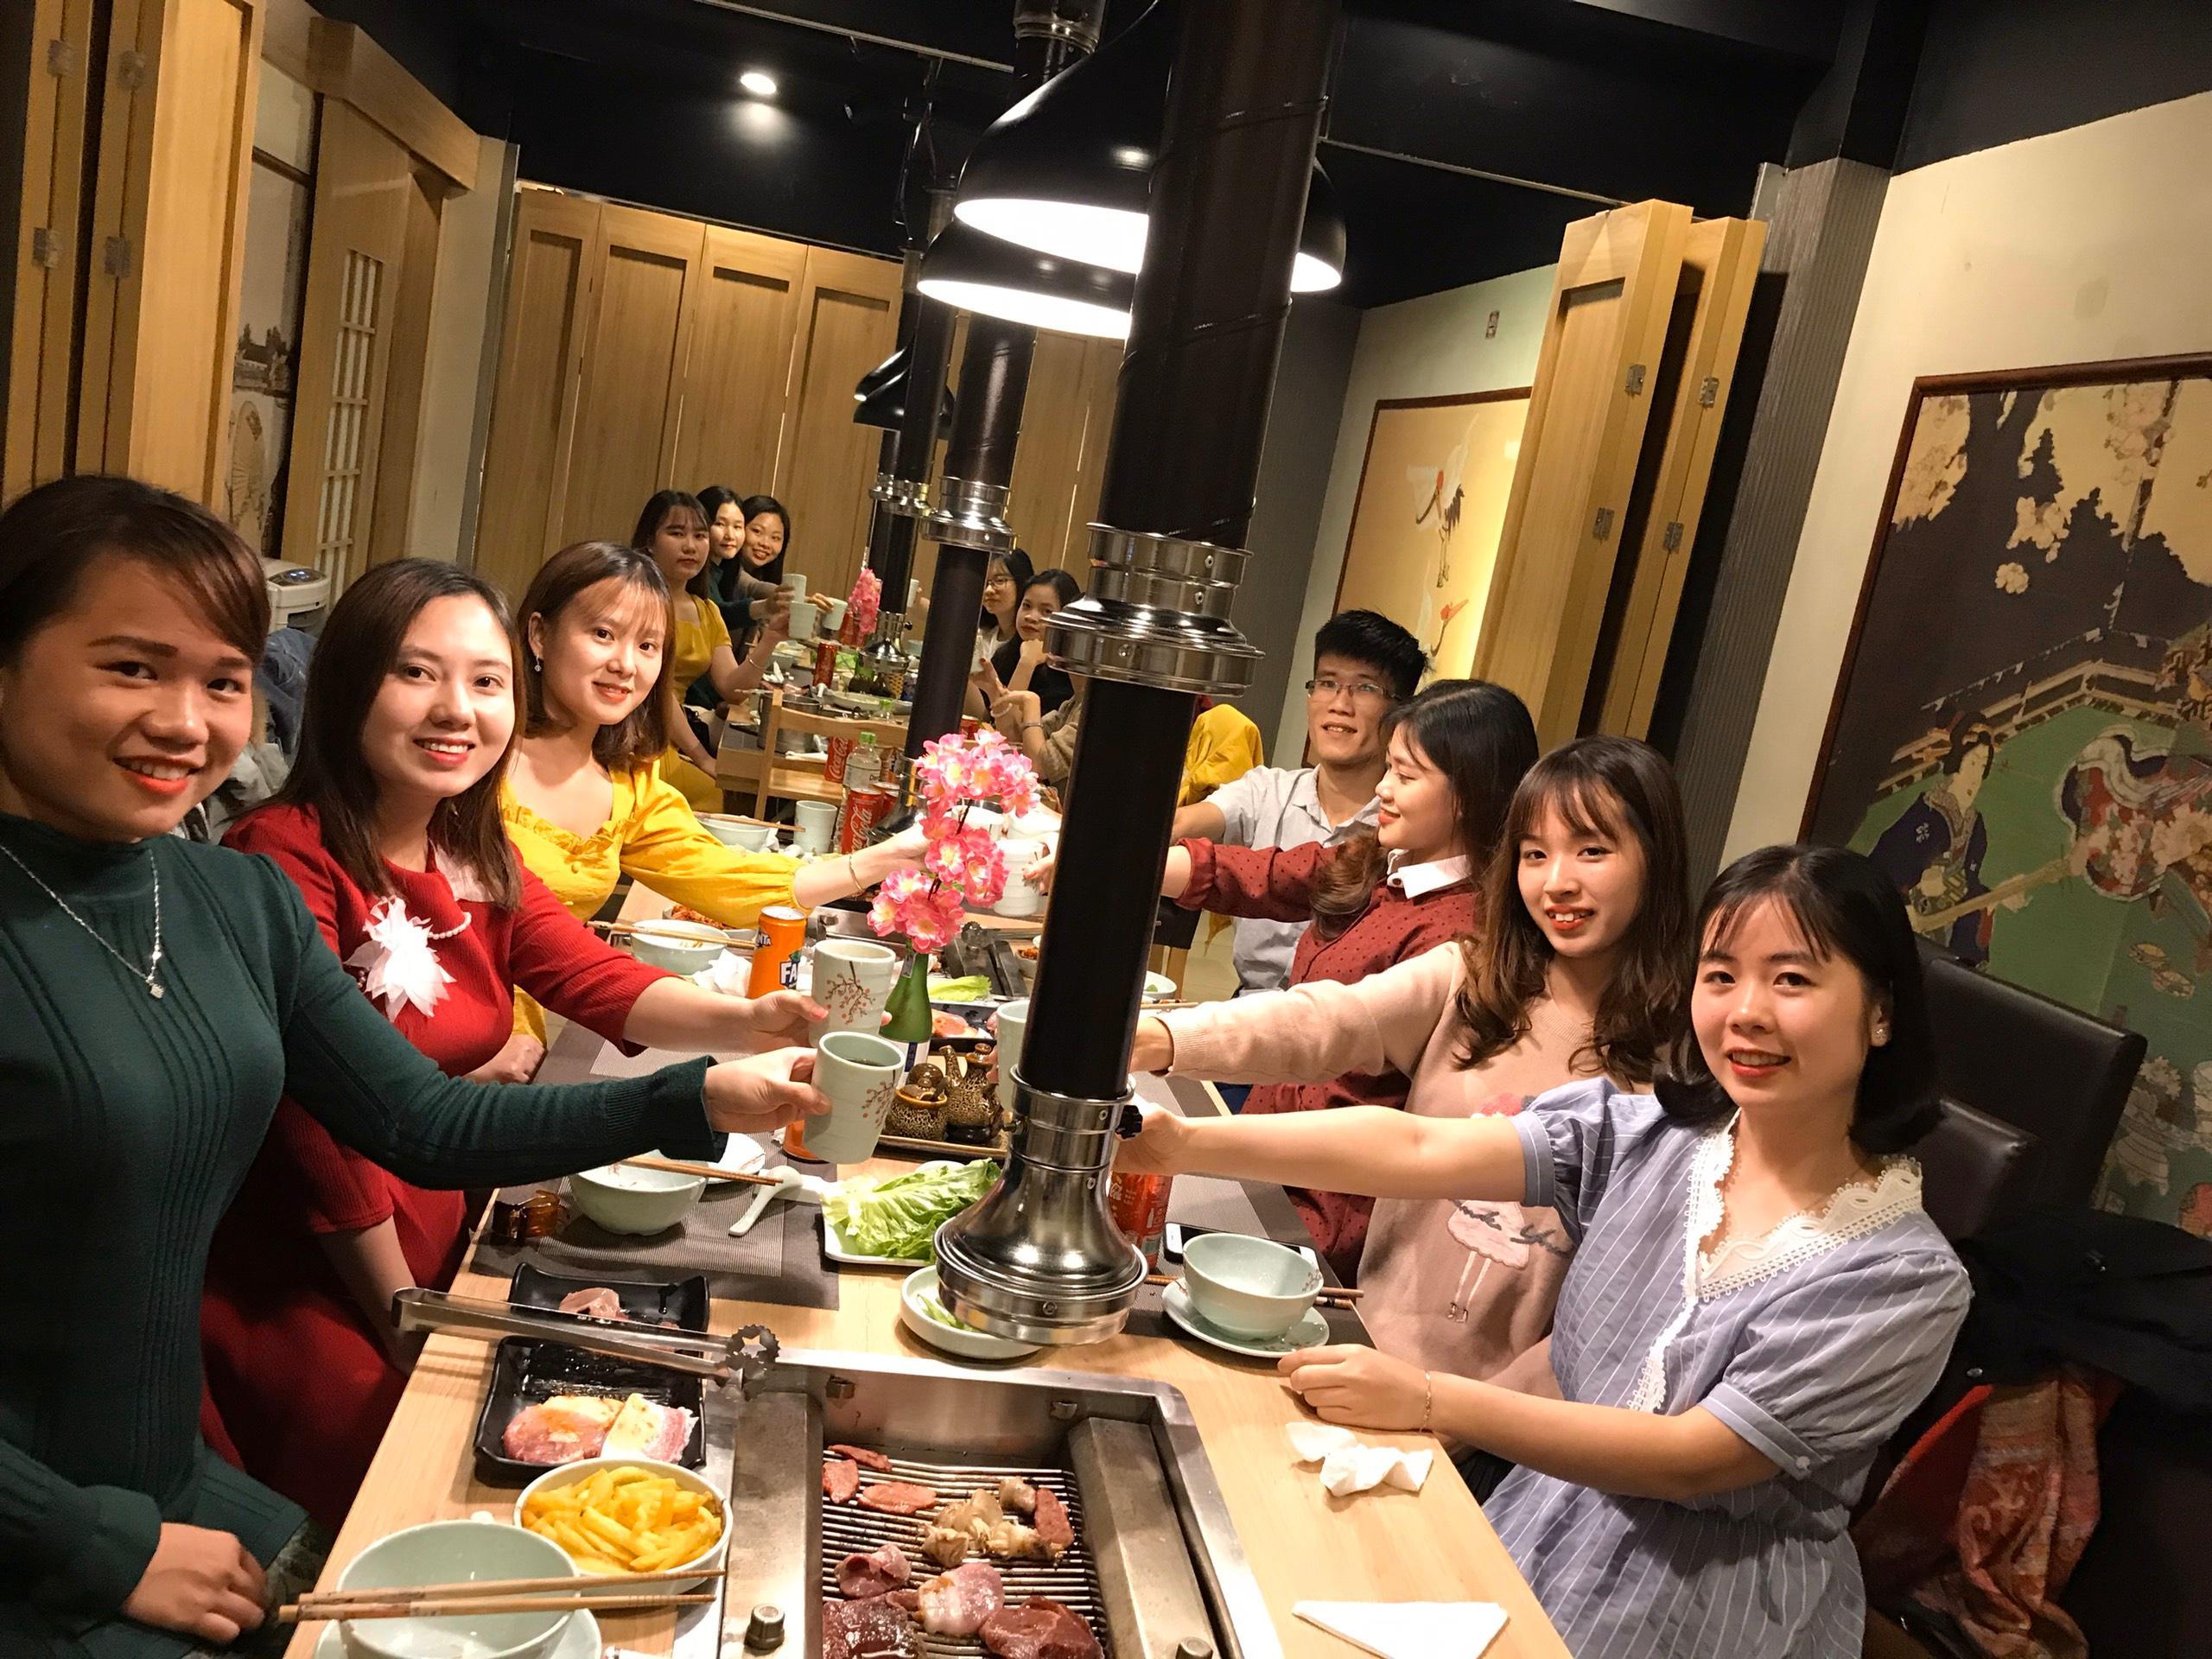 Mọi người vui vẻ cùng nhau thưởng thức những món ăn ngon tại nhà hàng phố nướng Sakura